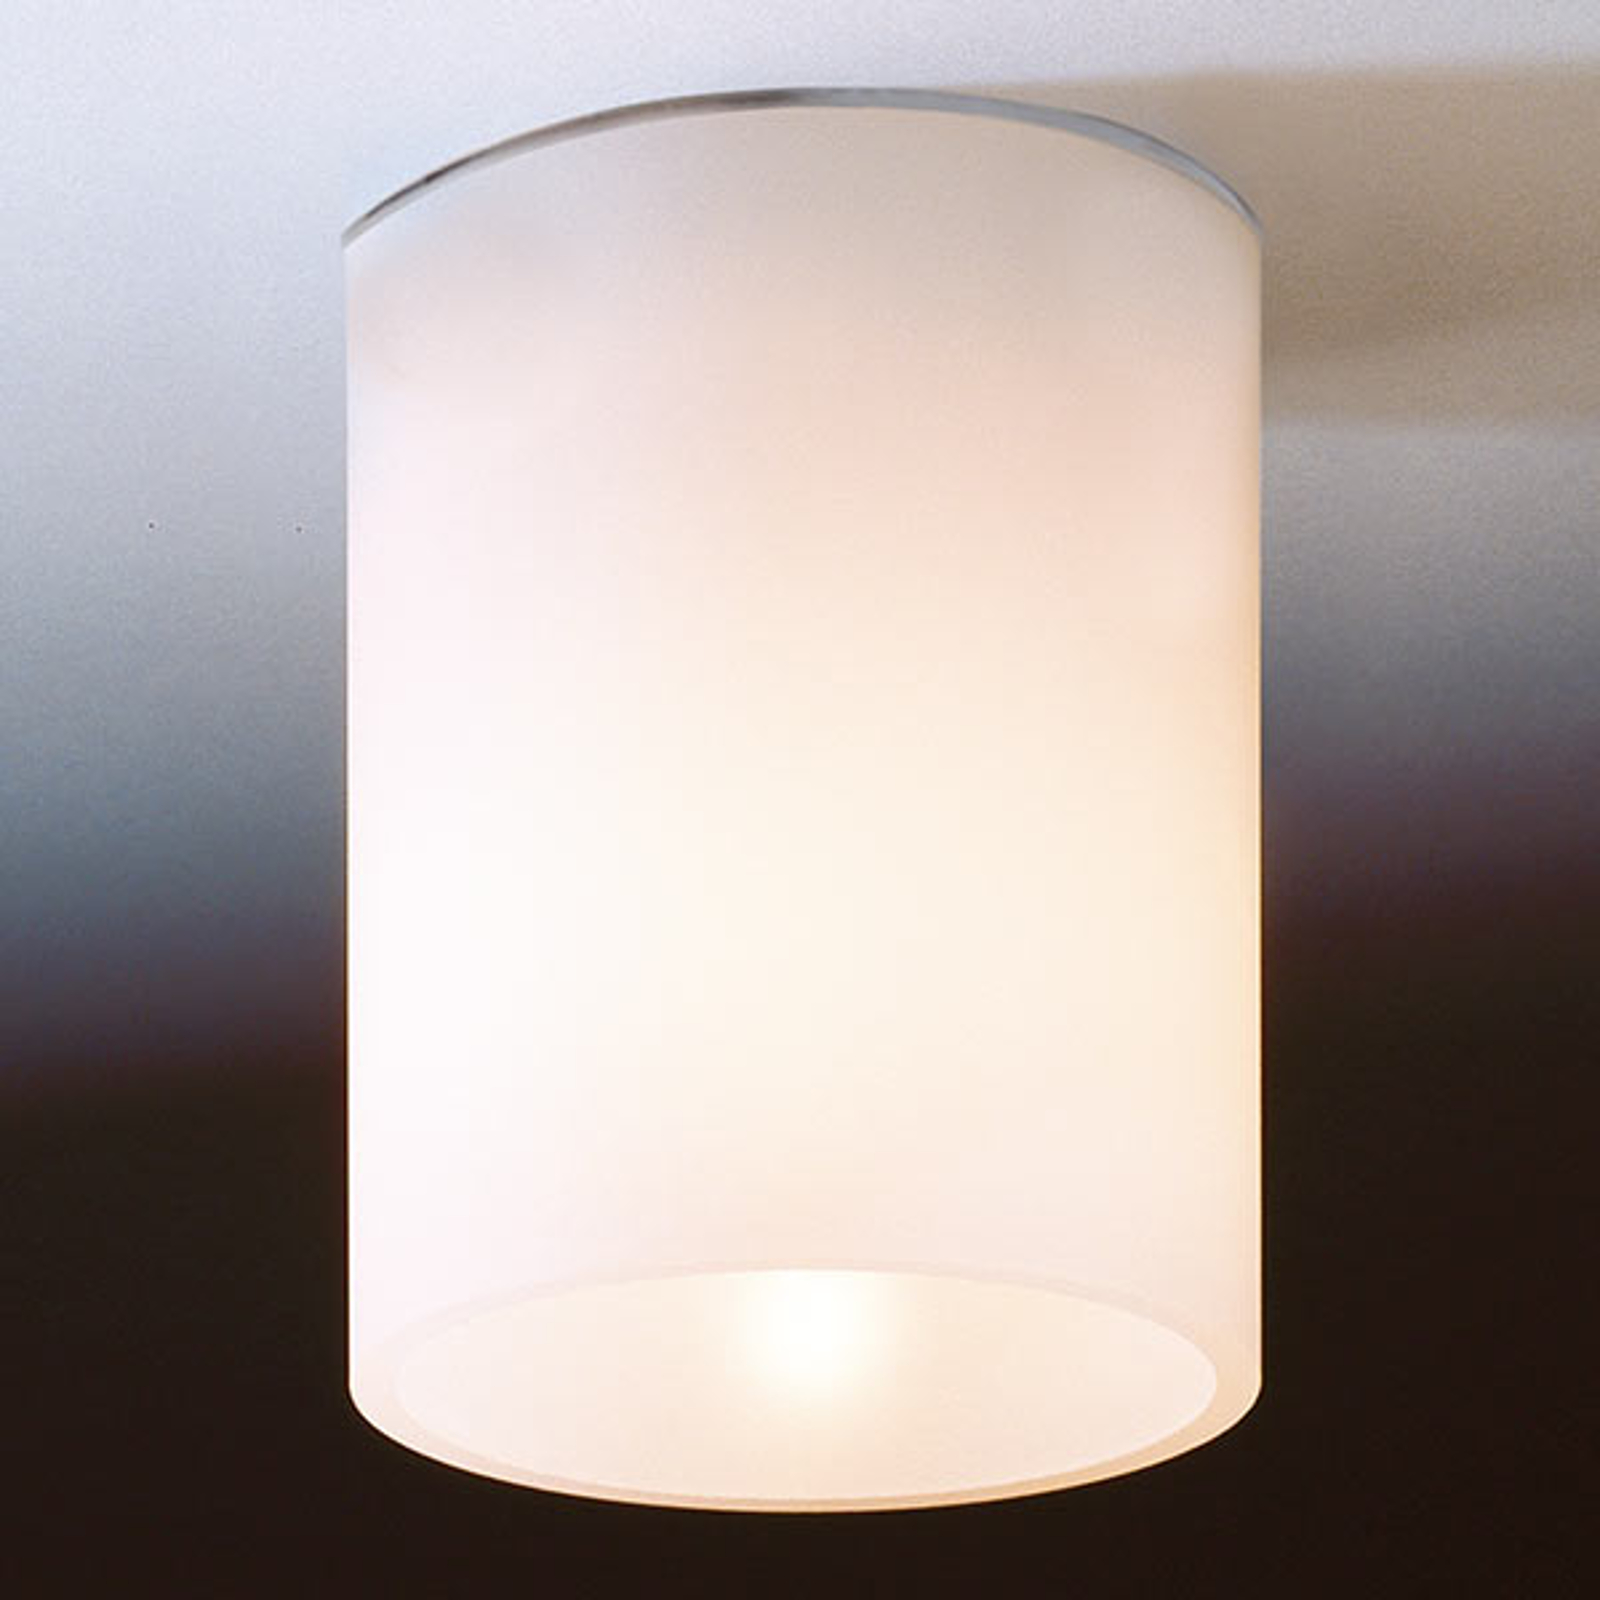 Valkoinen lasinen DELA SHORT -kattovalaisin